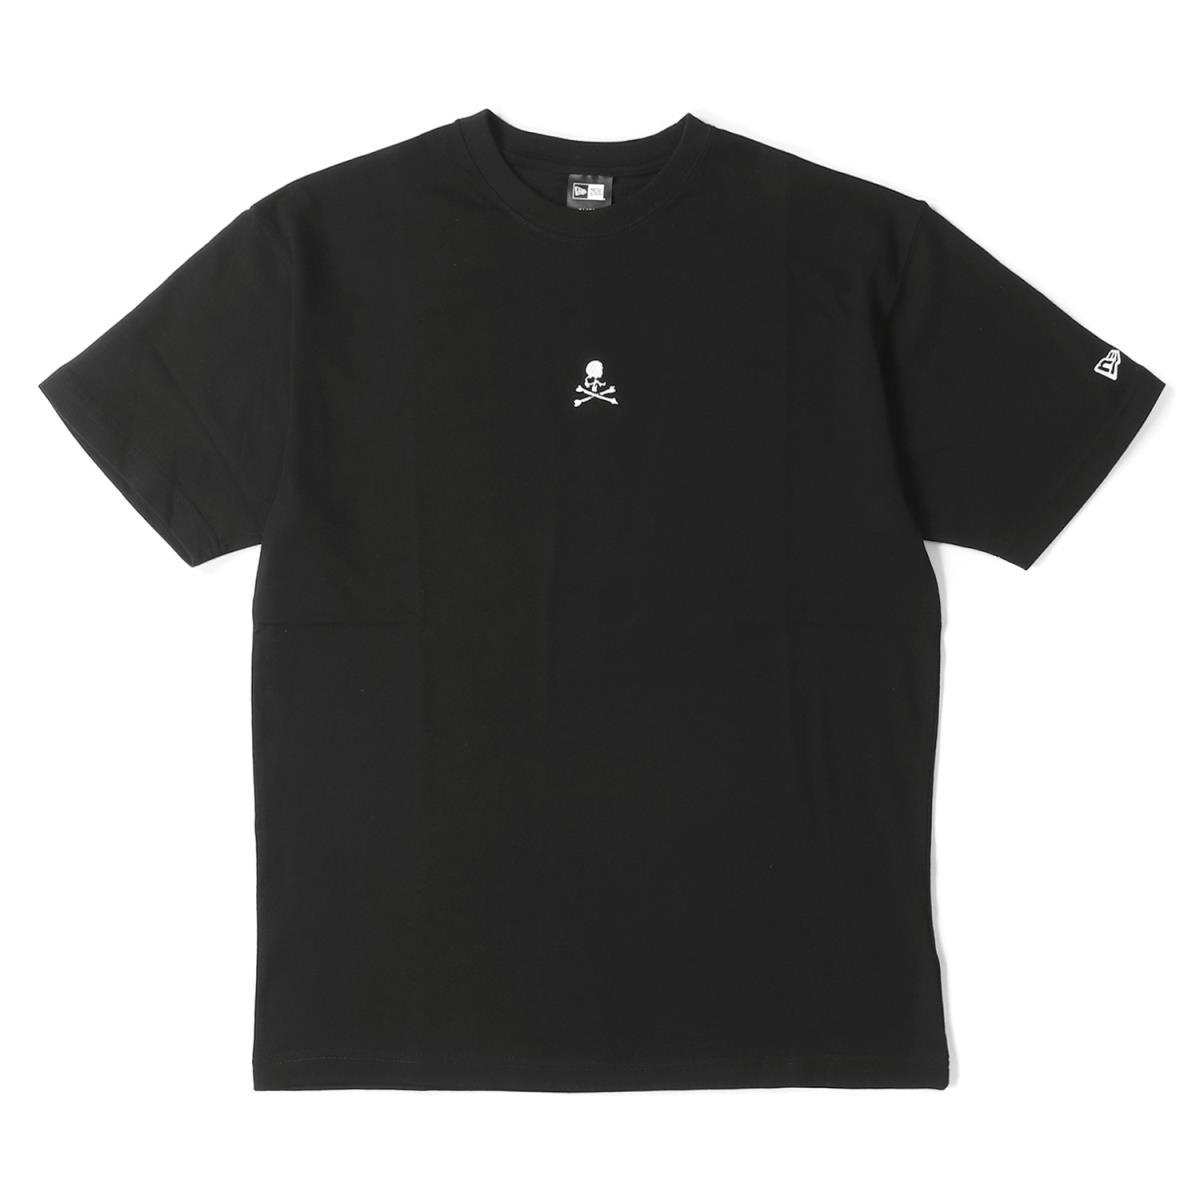 トップス, Tシャツ・カットソー mastermind JAPAN () 19SS NEW ERA T(TEE MINILOGO) XL K2371